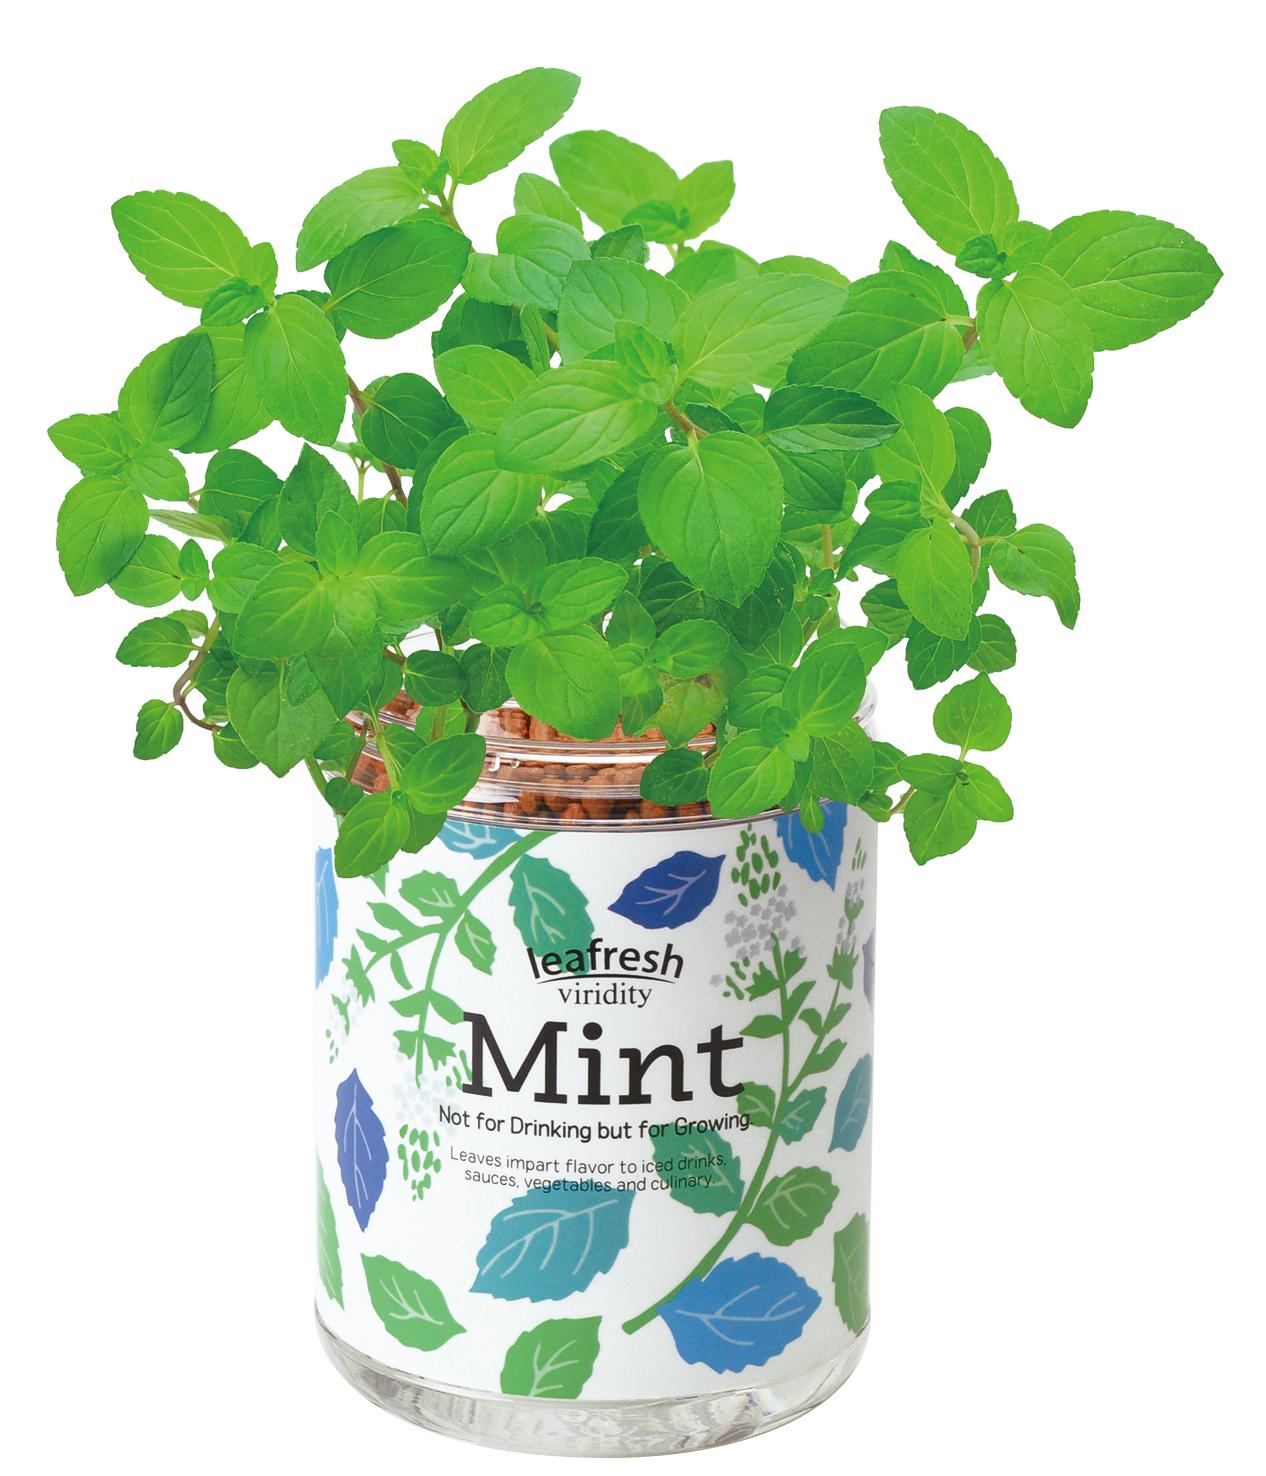 栽培キット 育てるグリーンペット ミント